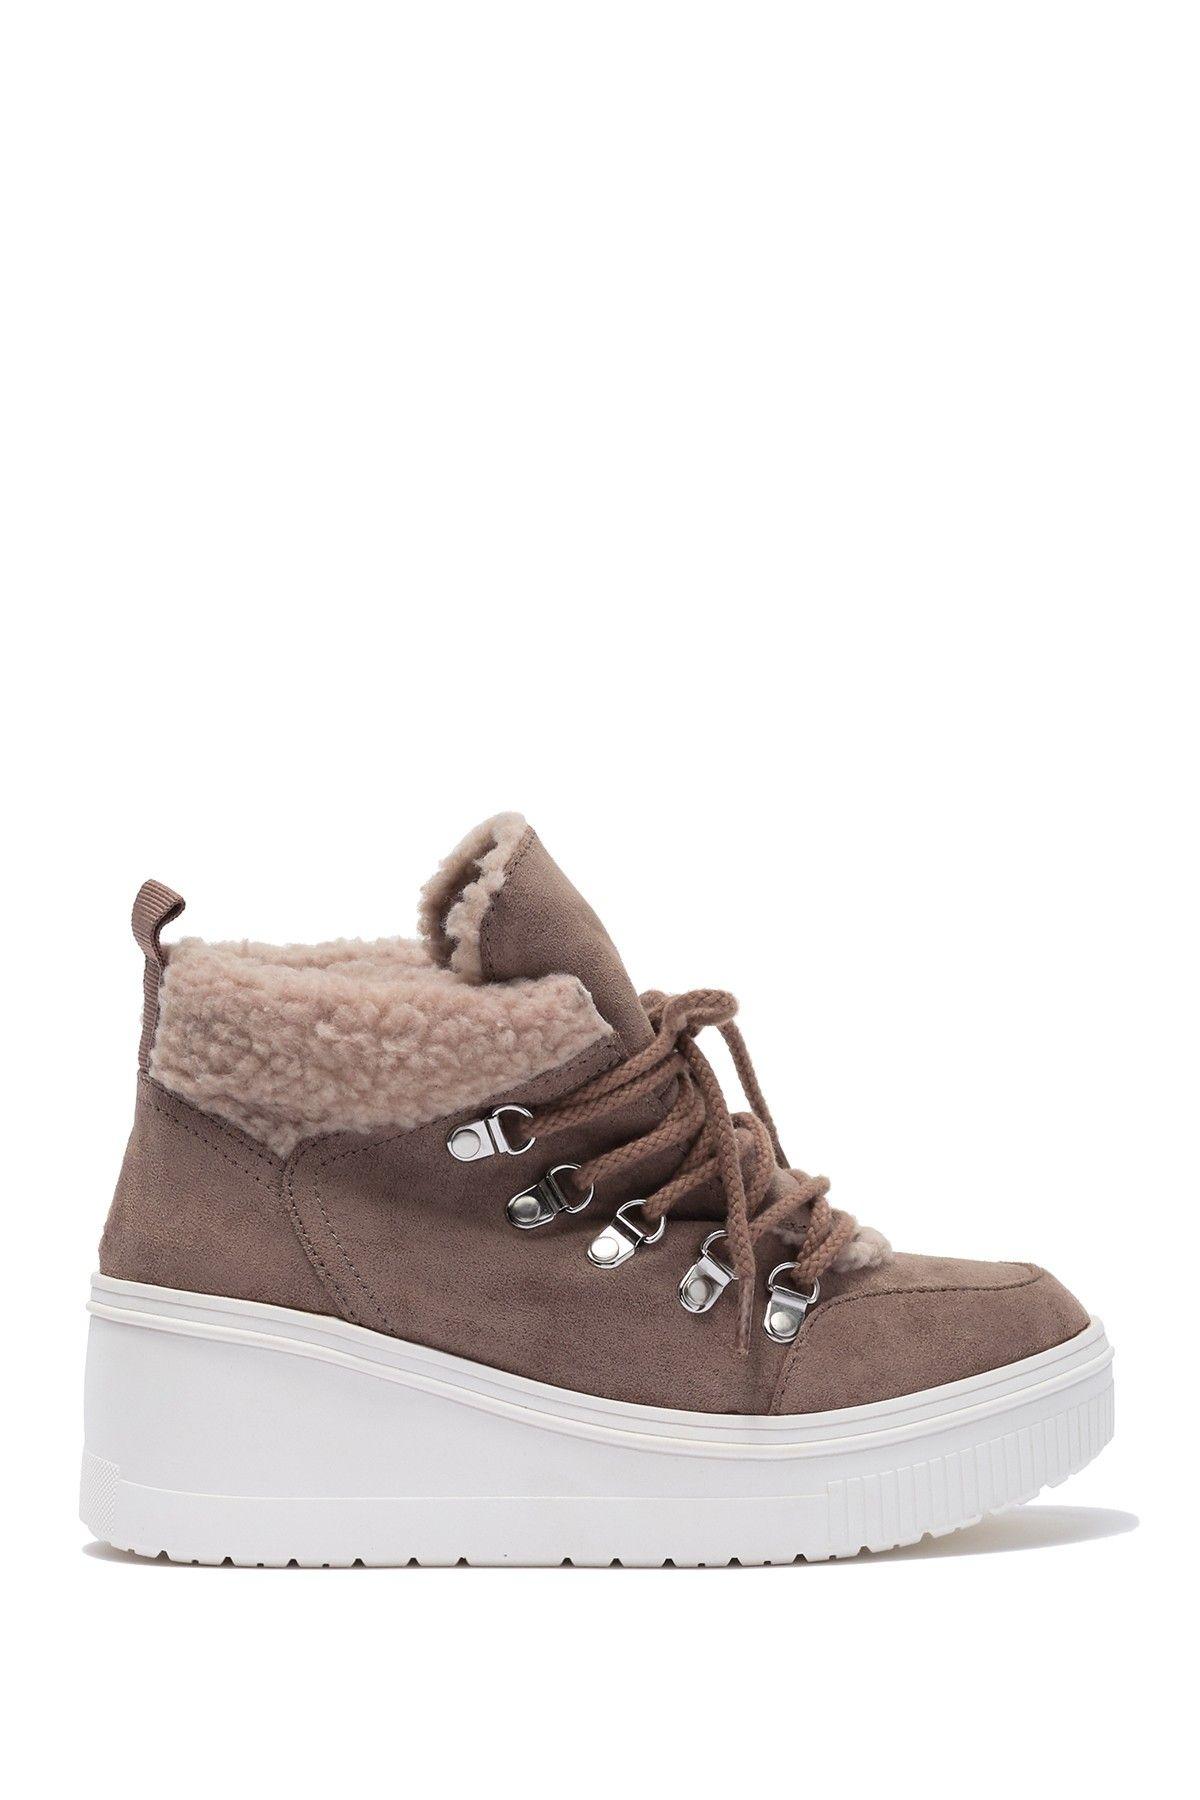 Teerra Faux Fur Lined Wedge Sneaker